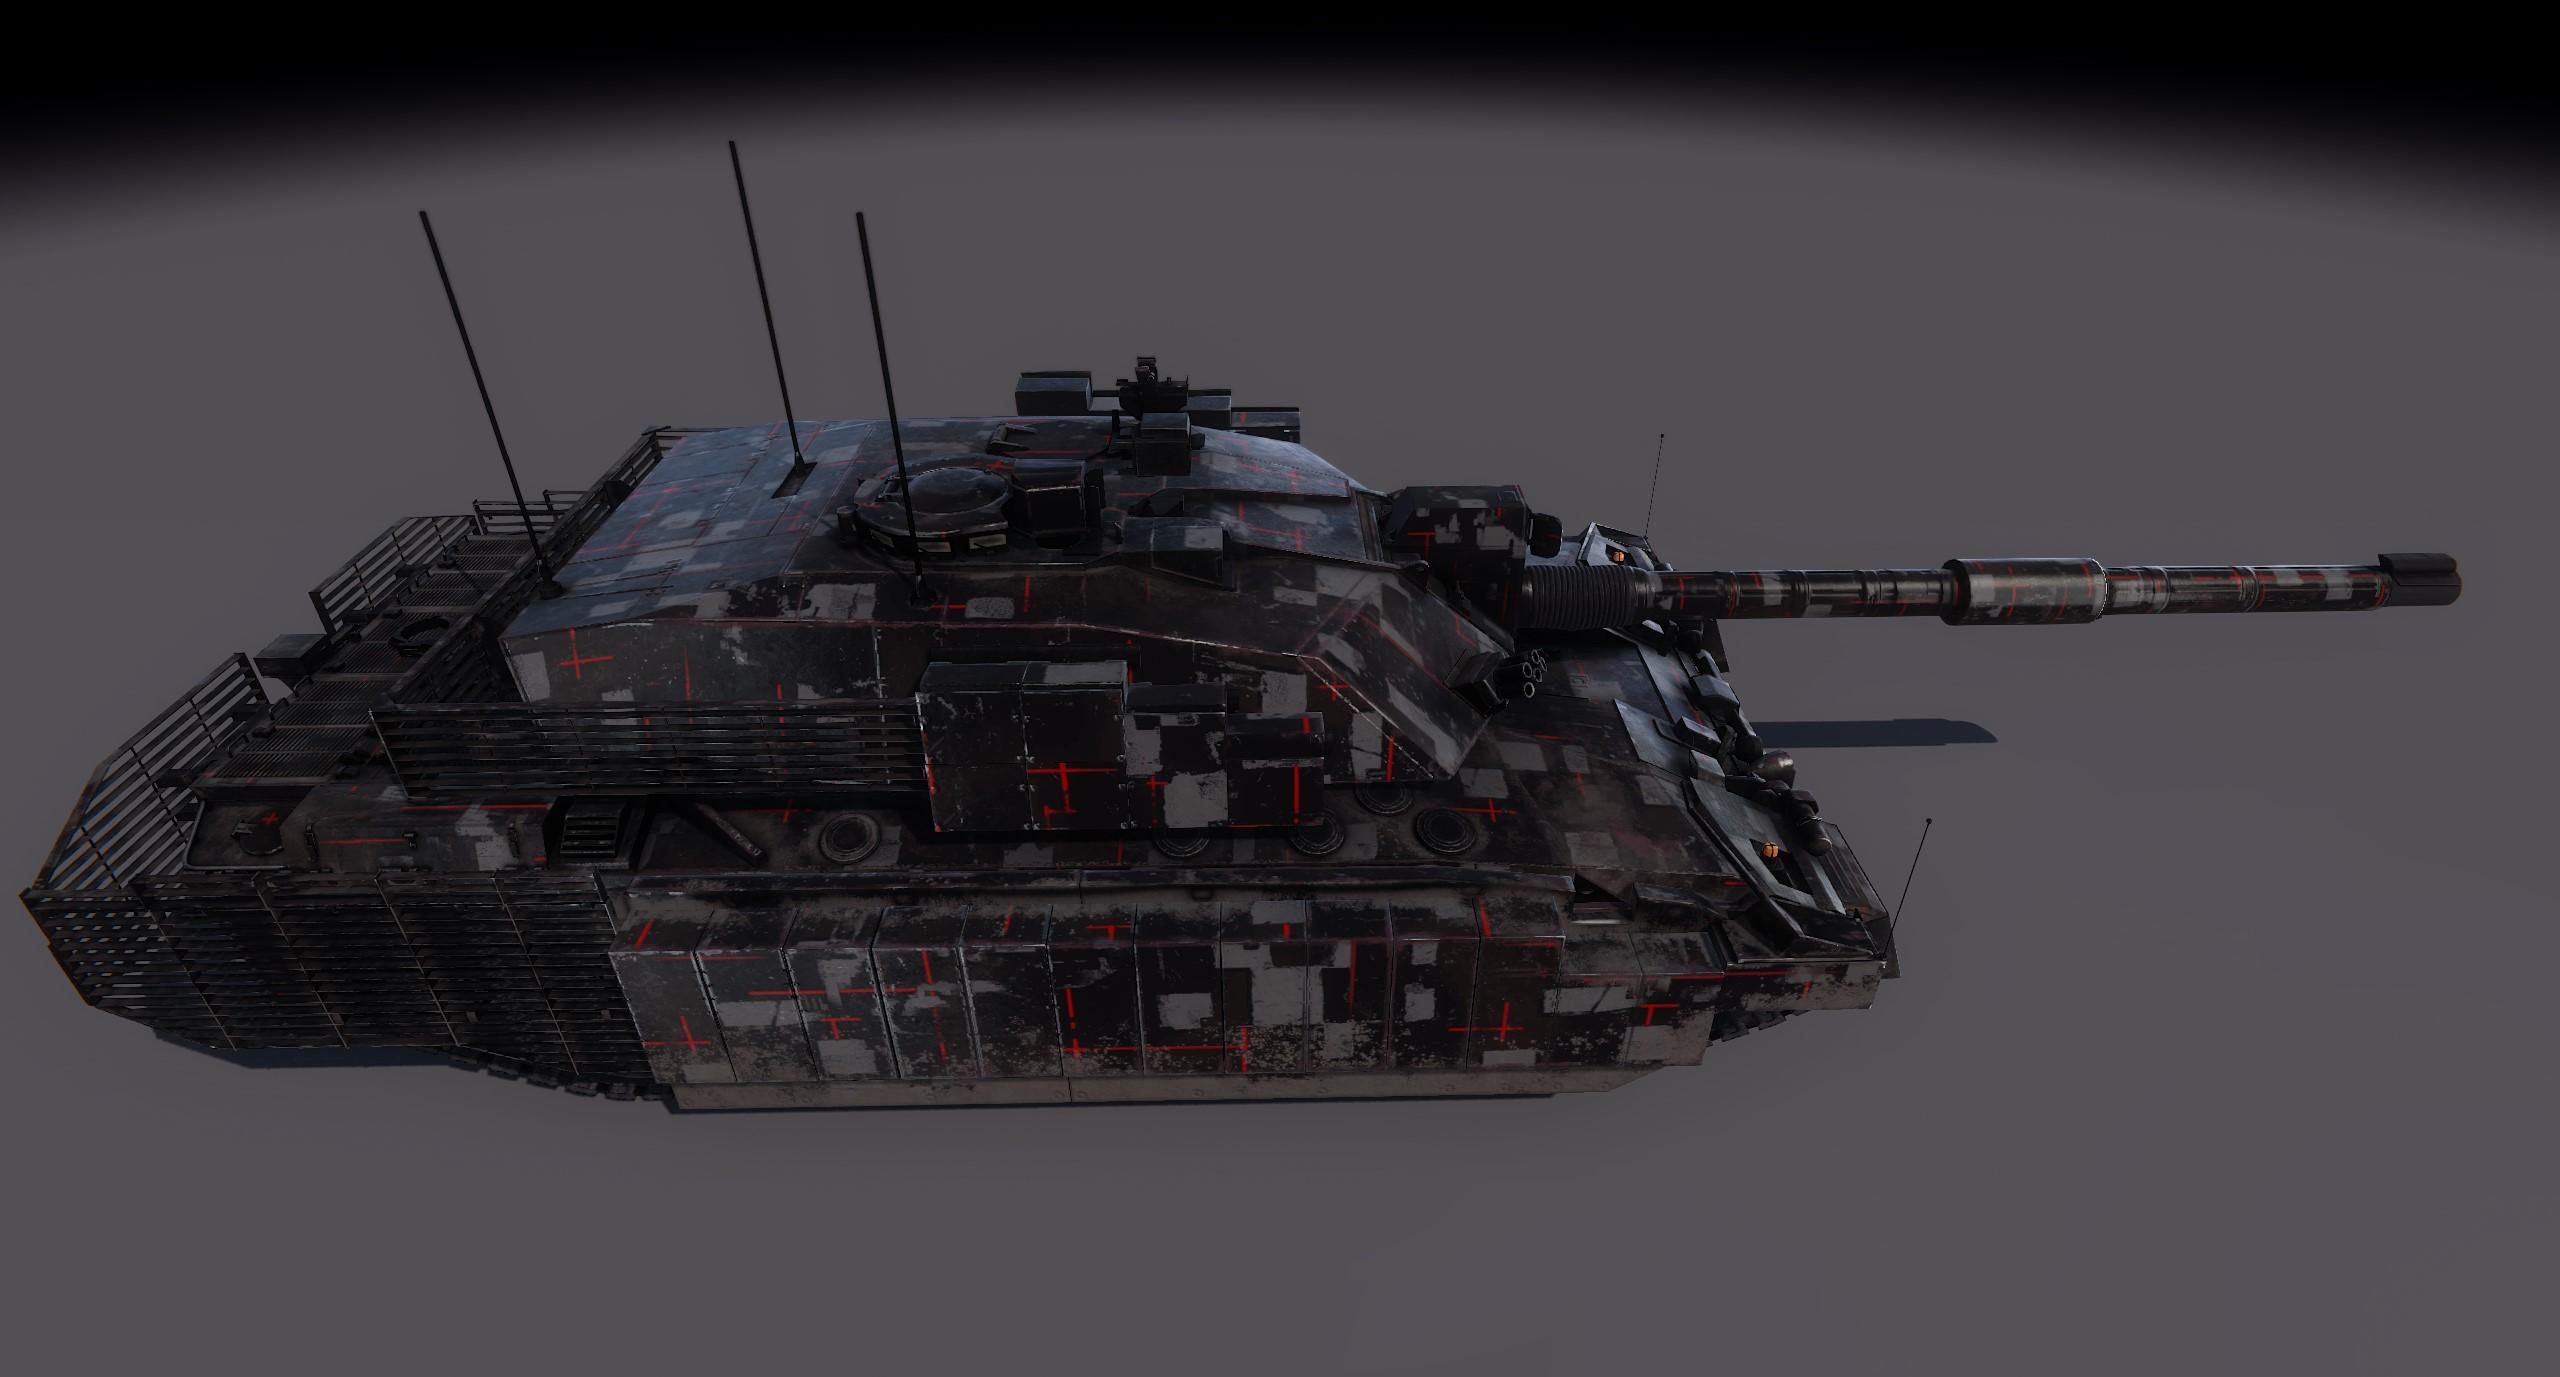 En développement : Activités de bataillon pendant la saison 1  Screenshot0114_4